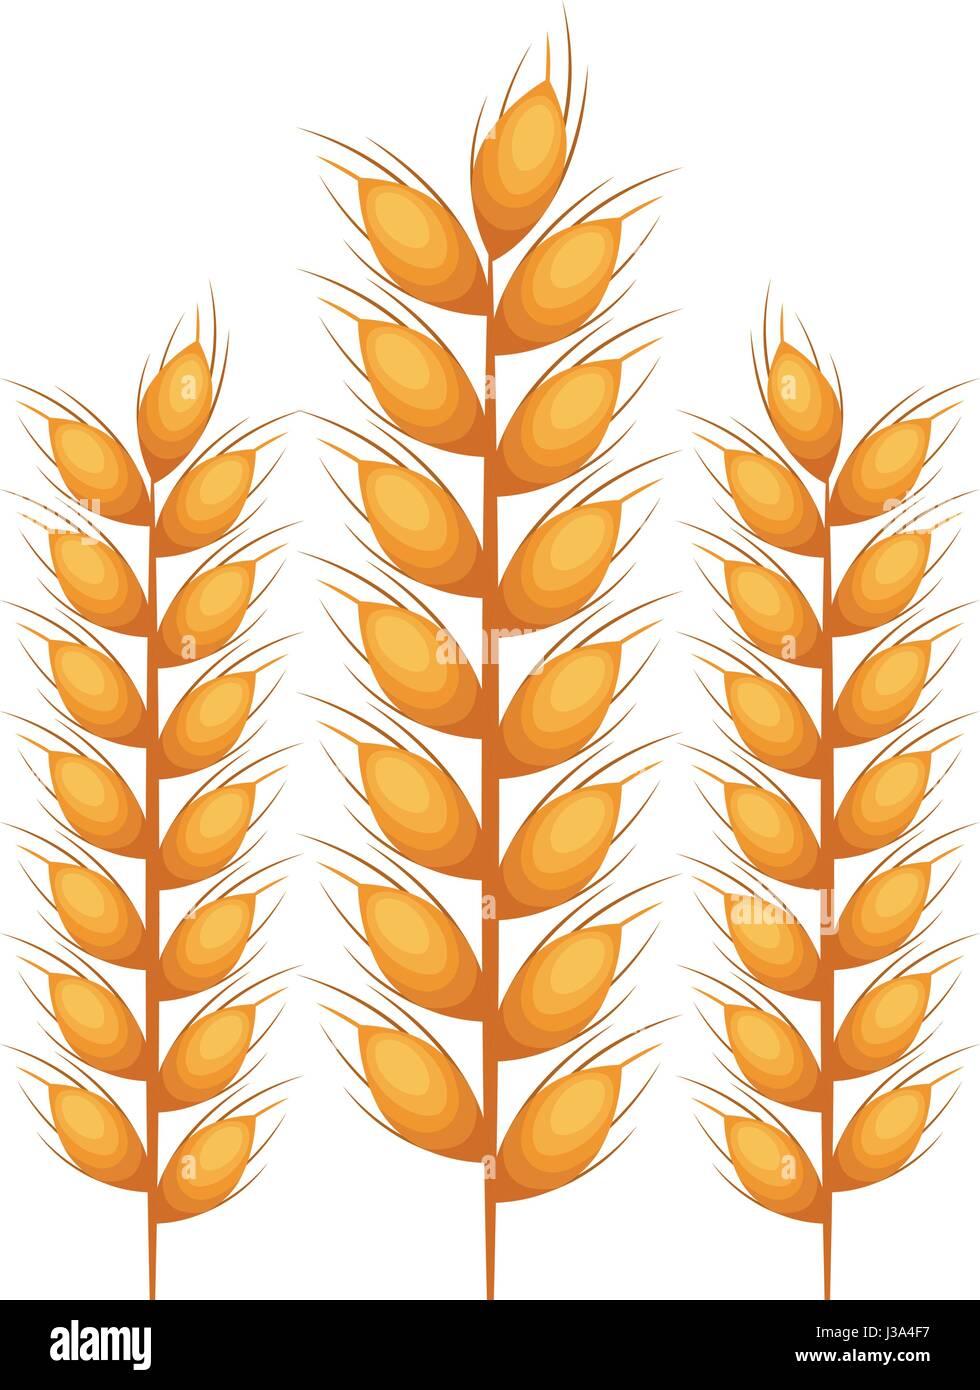 Isolated wheat ear design - Stock Vector